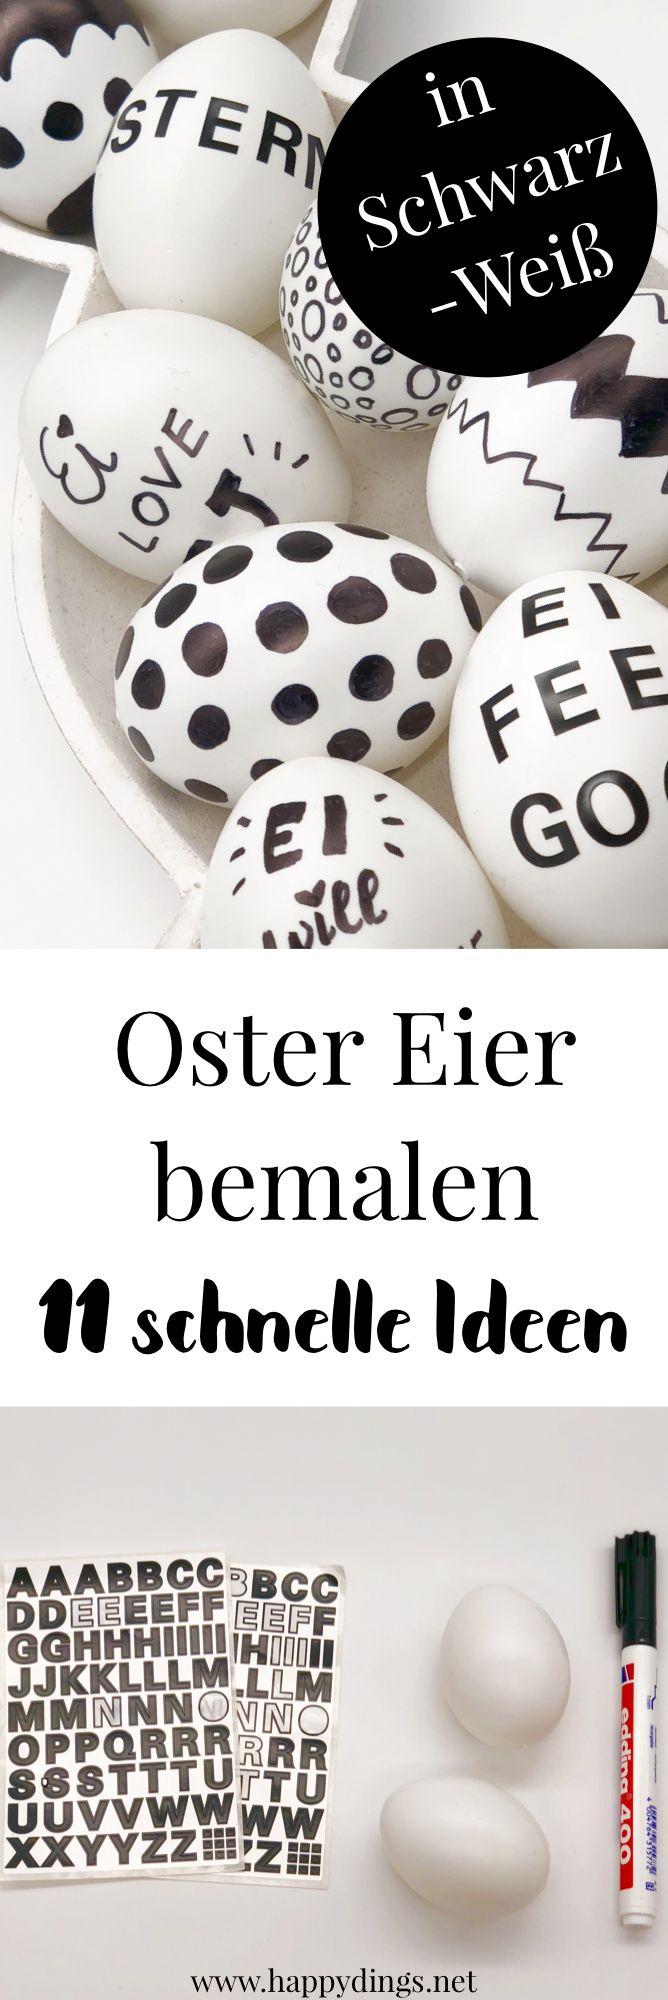 Oster Eier bemalen im schwarz weiß Look. 11 Ideen für DIY Dekoration zu Ostern. Die Oster Deko eignet sich auch zum basteln mit Kindern. Einfache und kreative  Ostereier selber machen. Schöne Ideen für DIY Osterdekoration. #ostern #bastelnostern #diyostern #osterdeko #eierbemalen